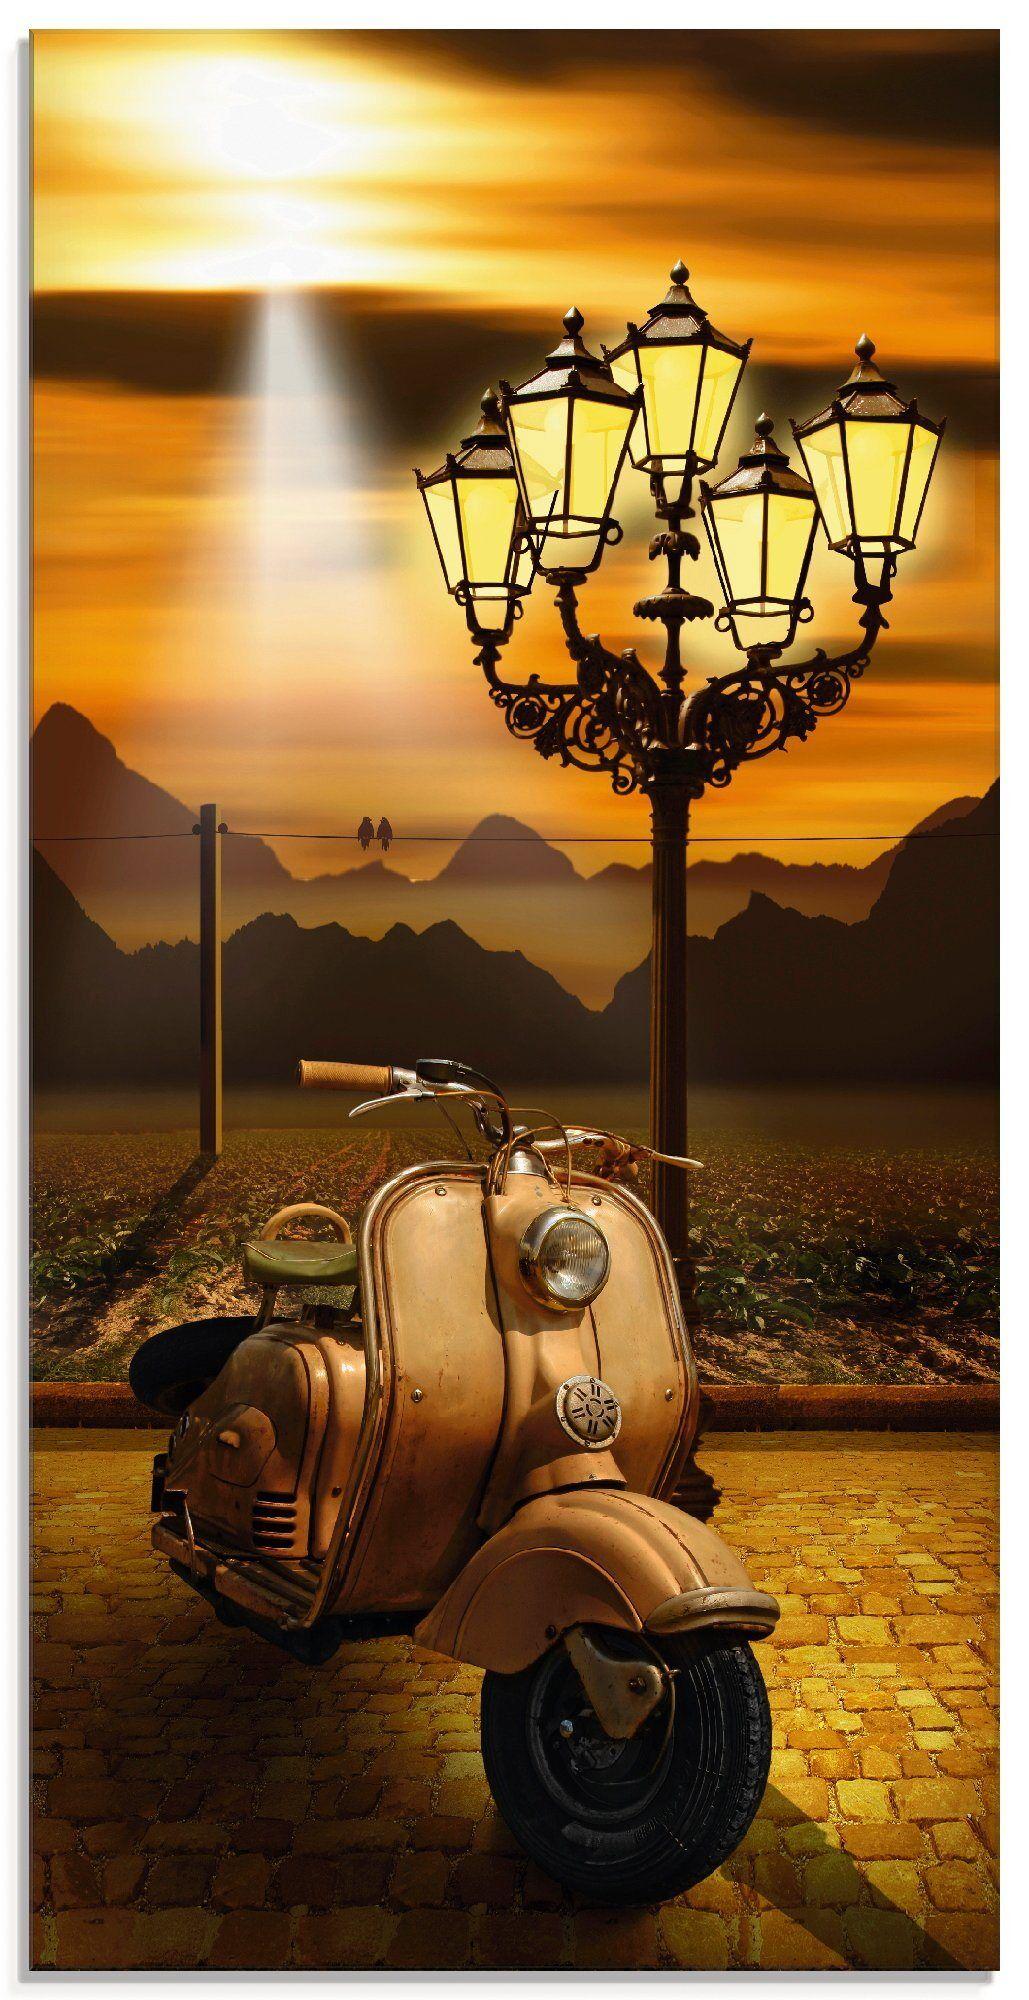 Artland Glasbild »Oldtimer Motorroller romantisch«, Motorräder & Roller (1 Stück)